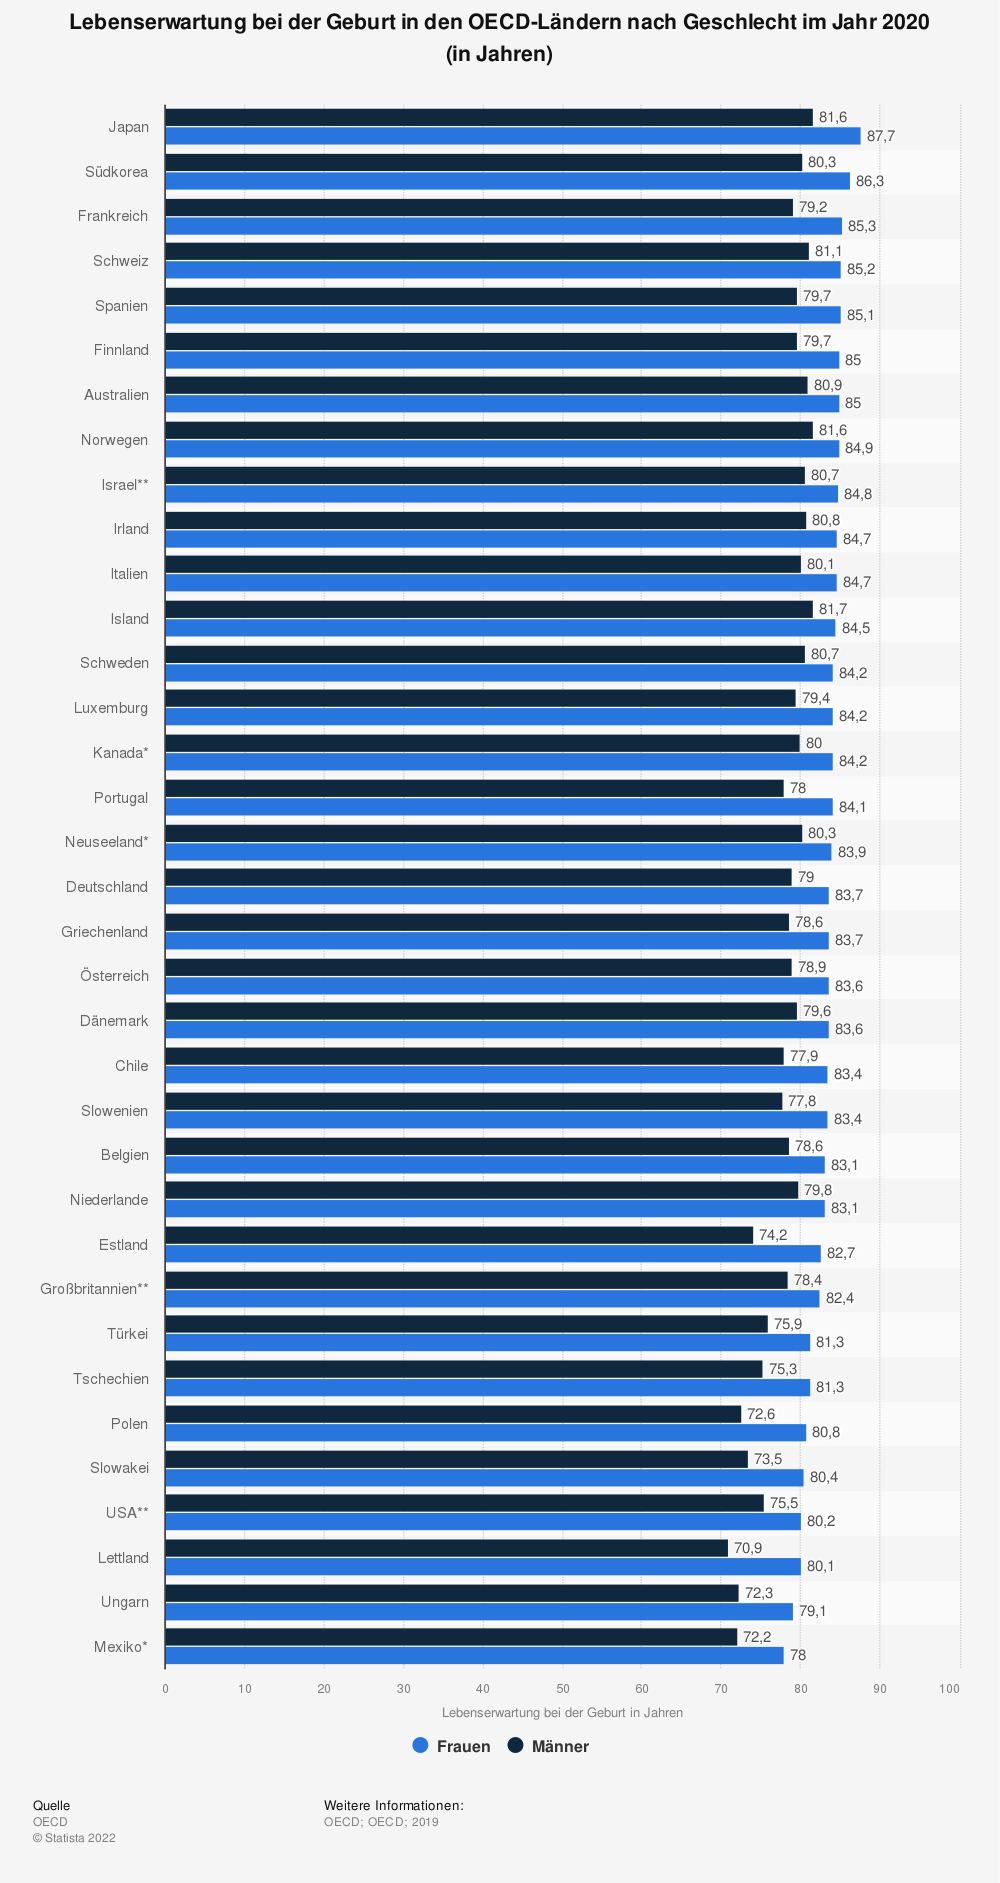 Statistik: Lebenserwartung bei der Geburt in den OECD-Ländern nach Geschlecht im Jahr 2017 (in Jahren) | Statista